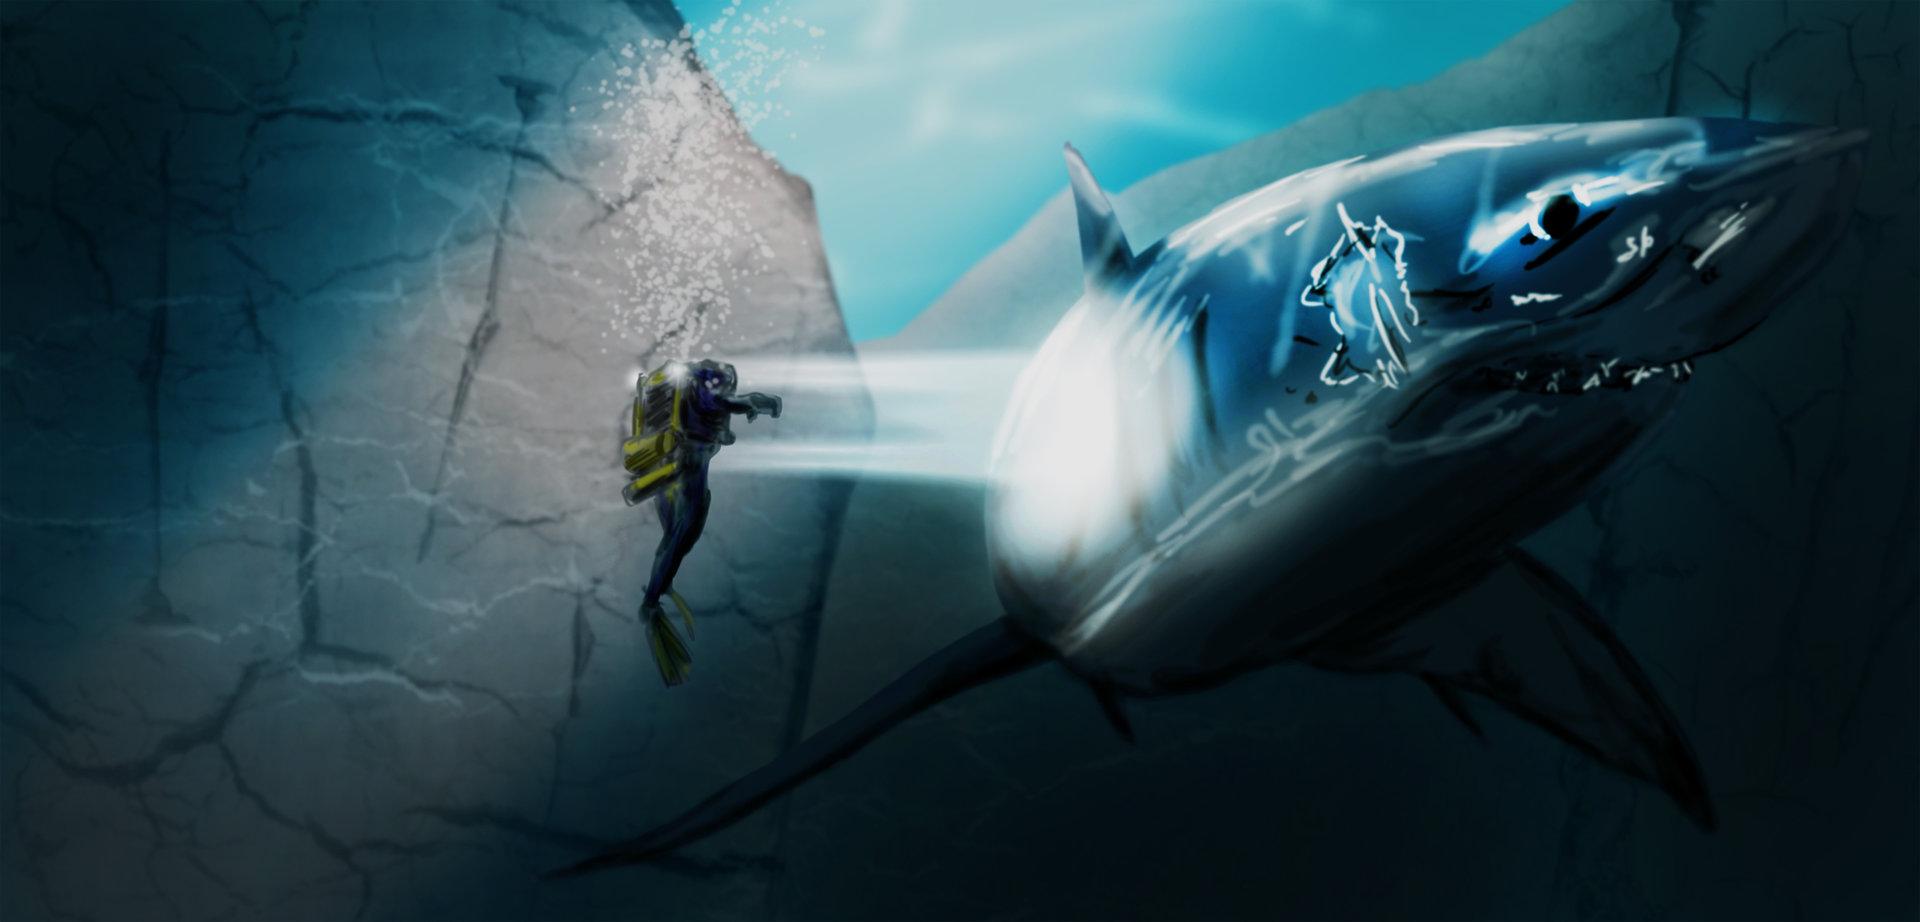 巨牙鯊 巨齒鯊 | [組圖+影片] 的最新詳盡資料** (必看!!) - www.go2tutor.com